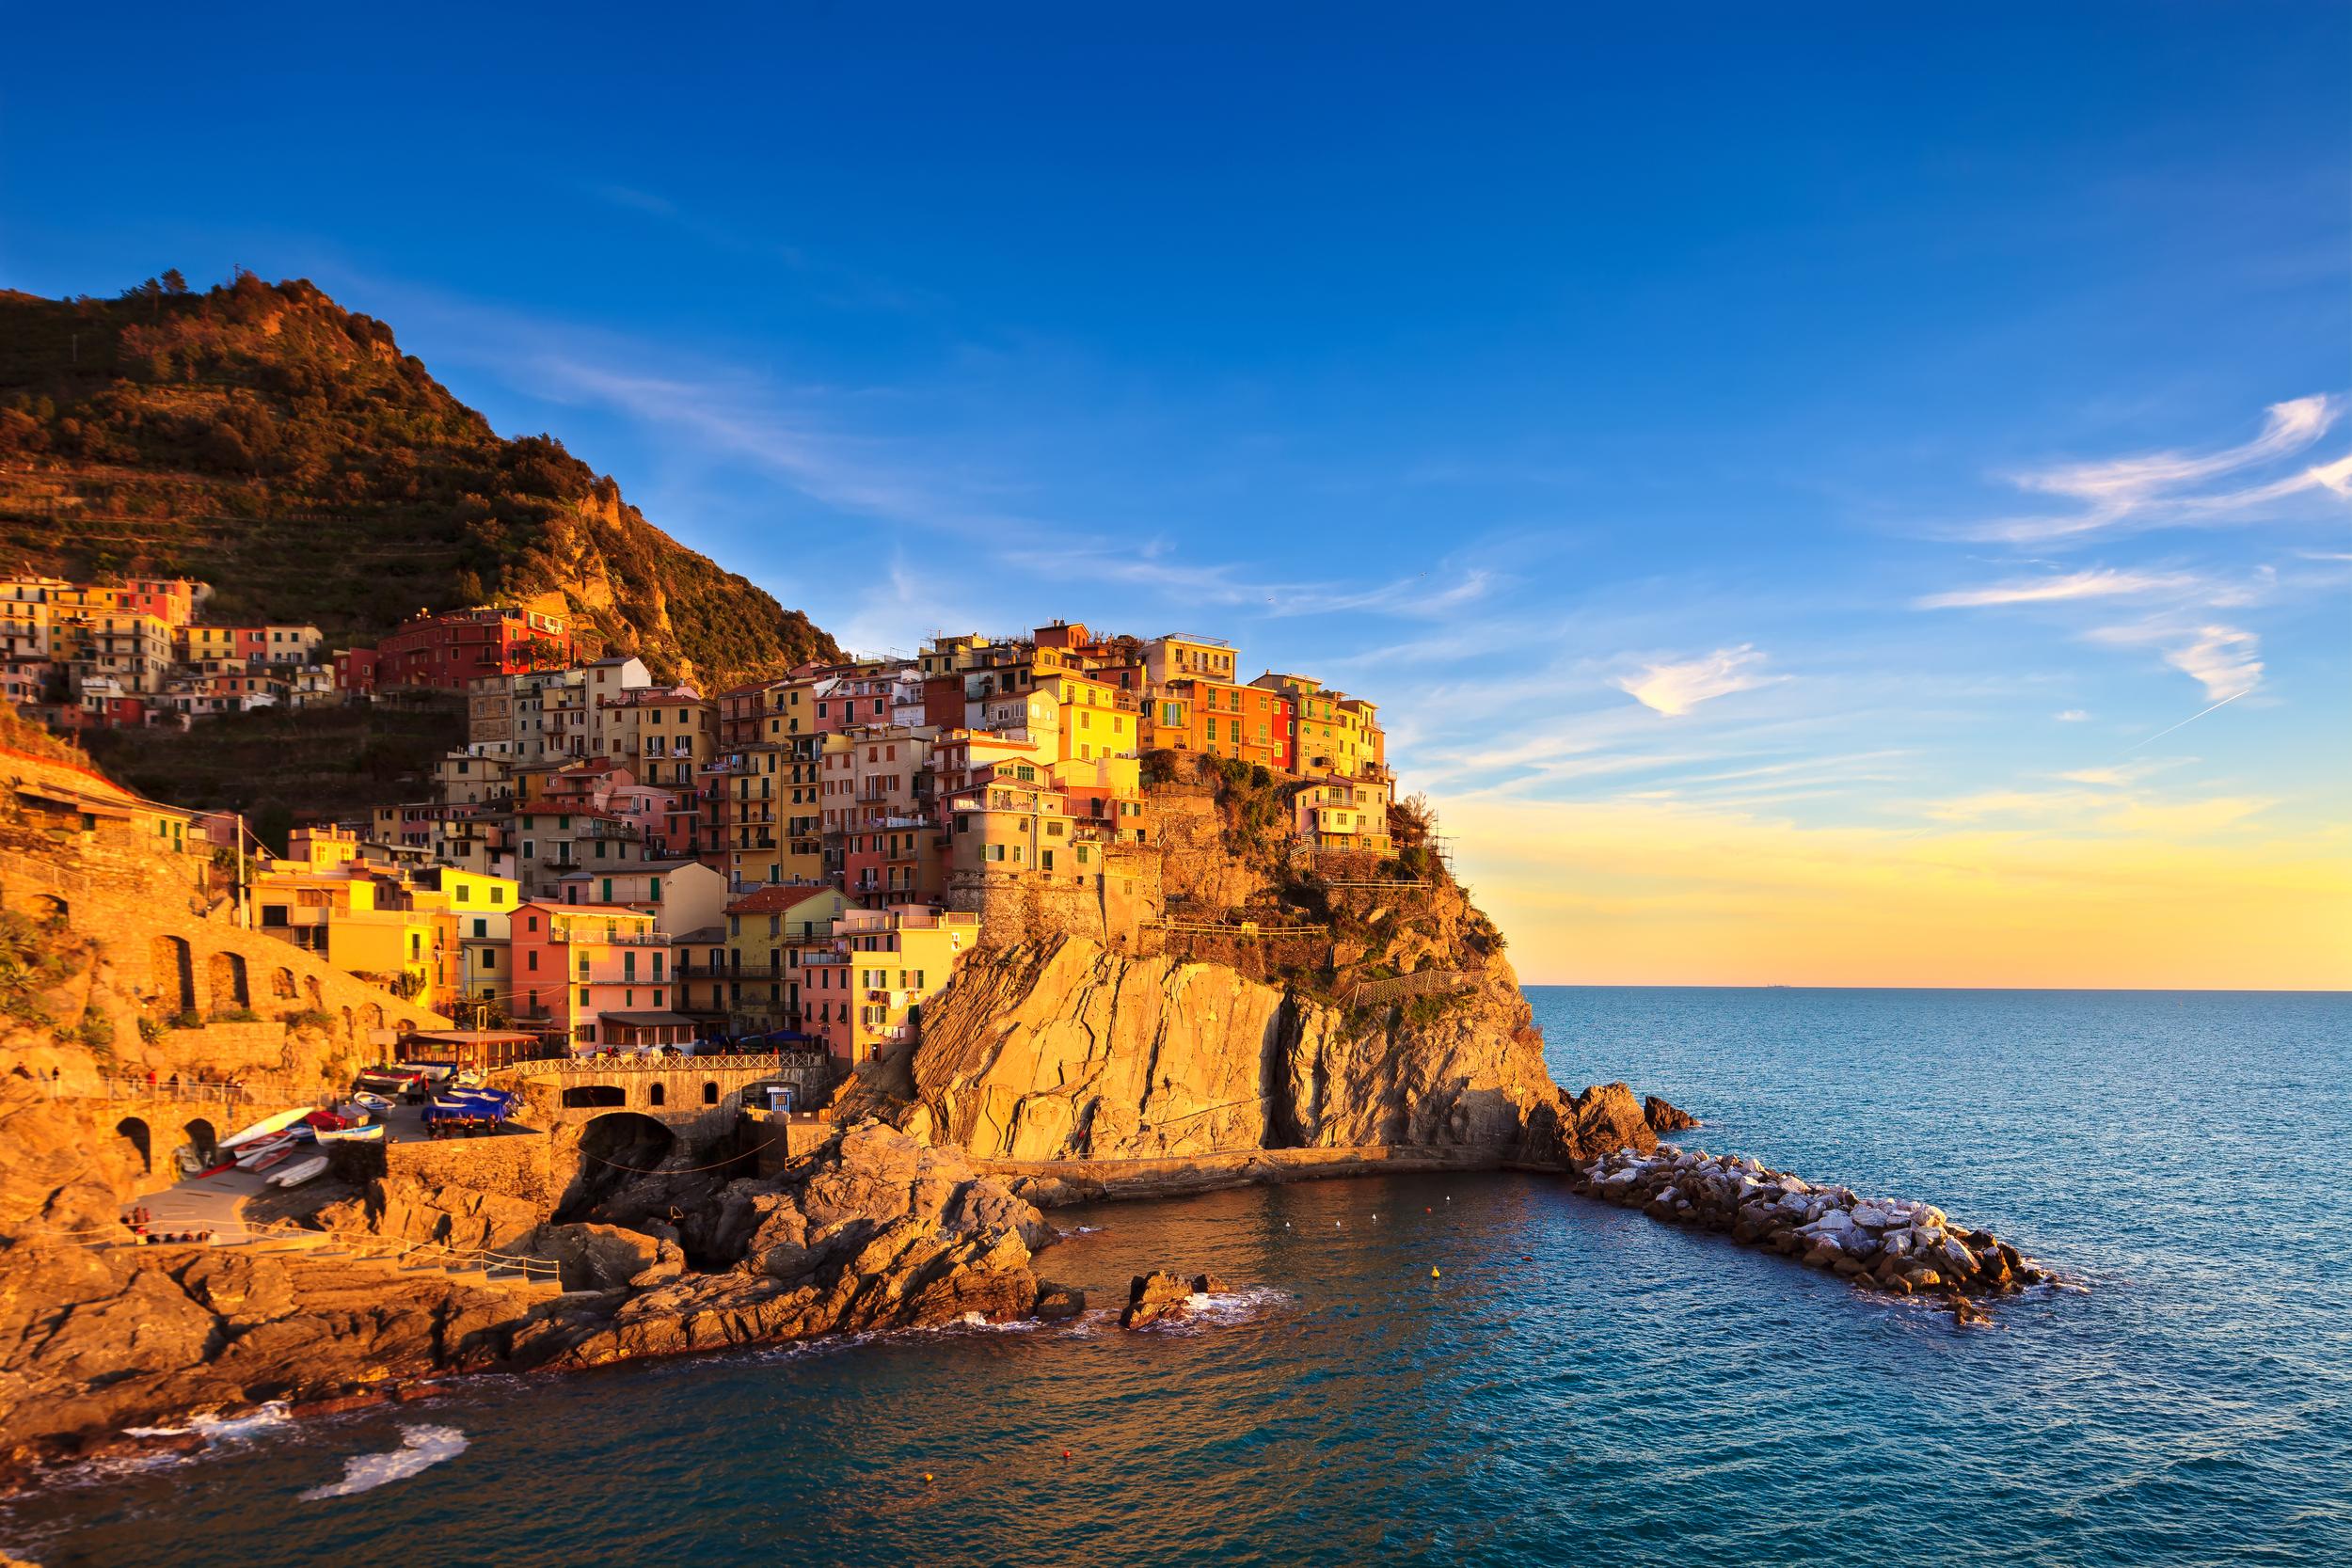 Boat excursions in Cinque Terre